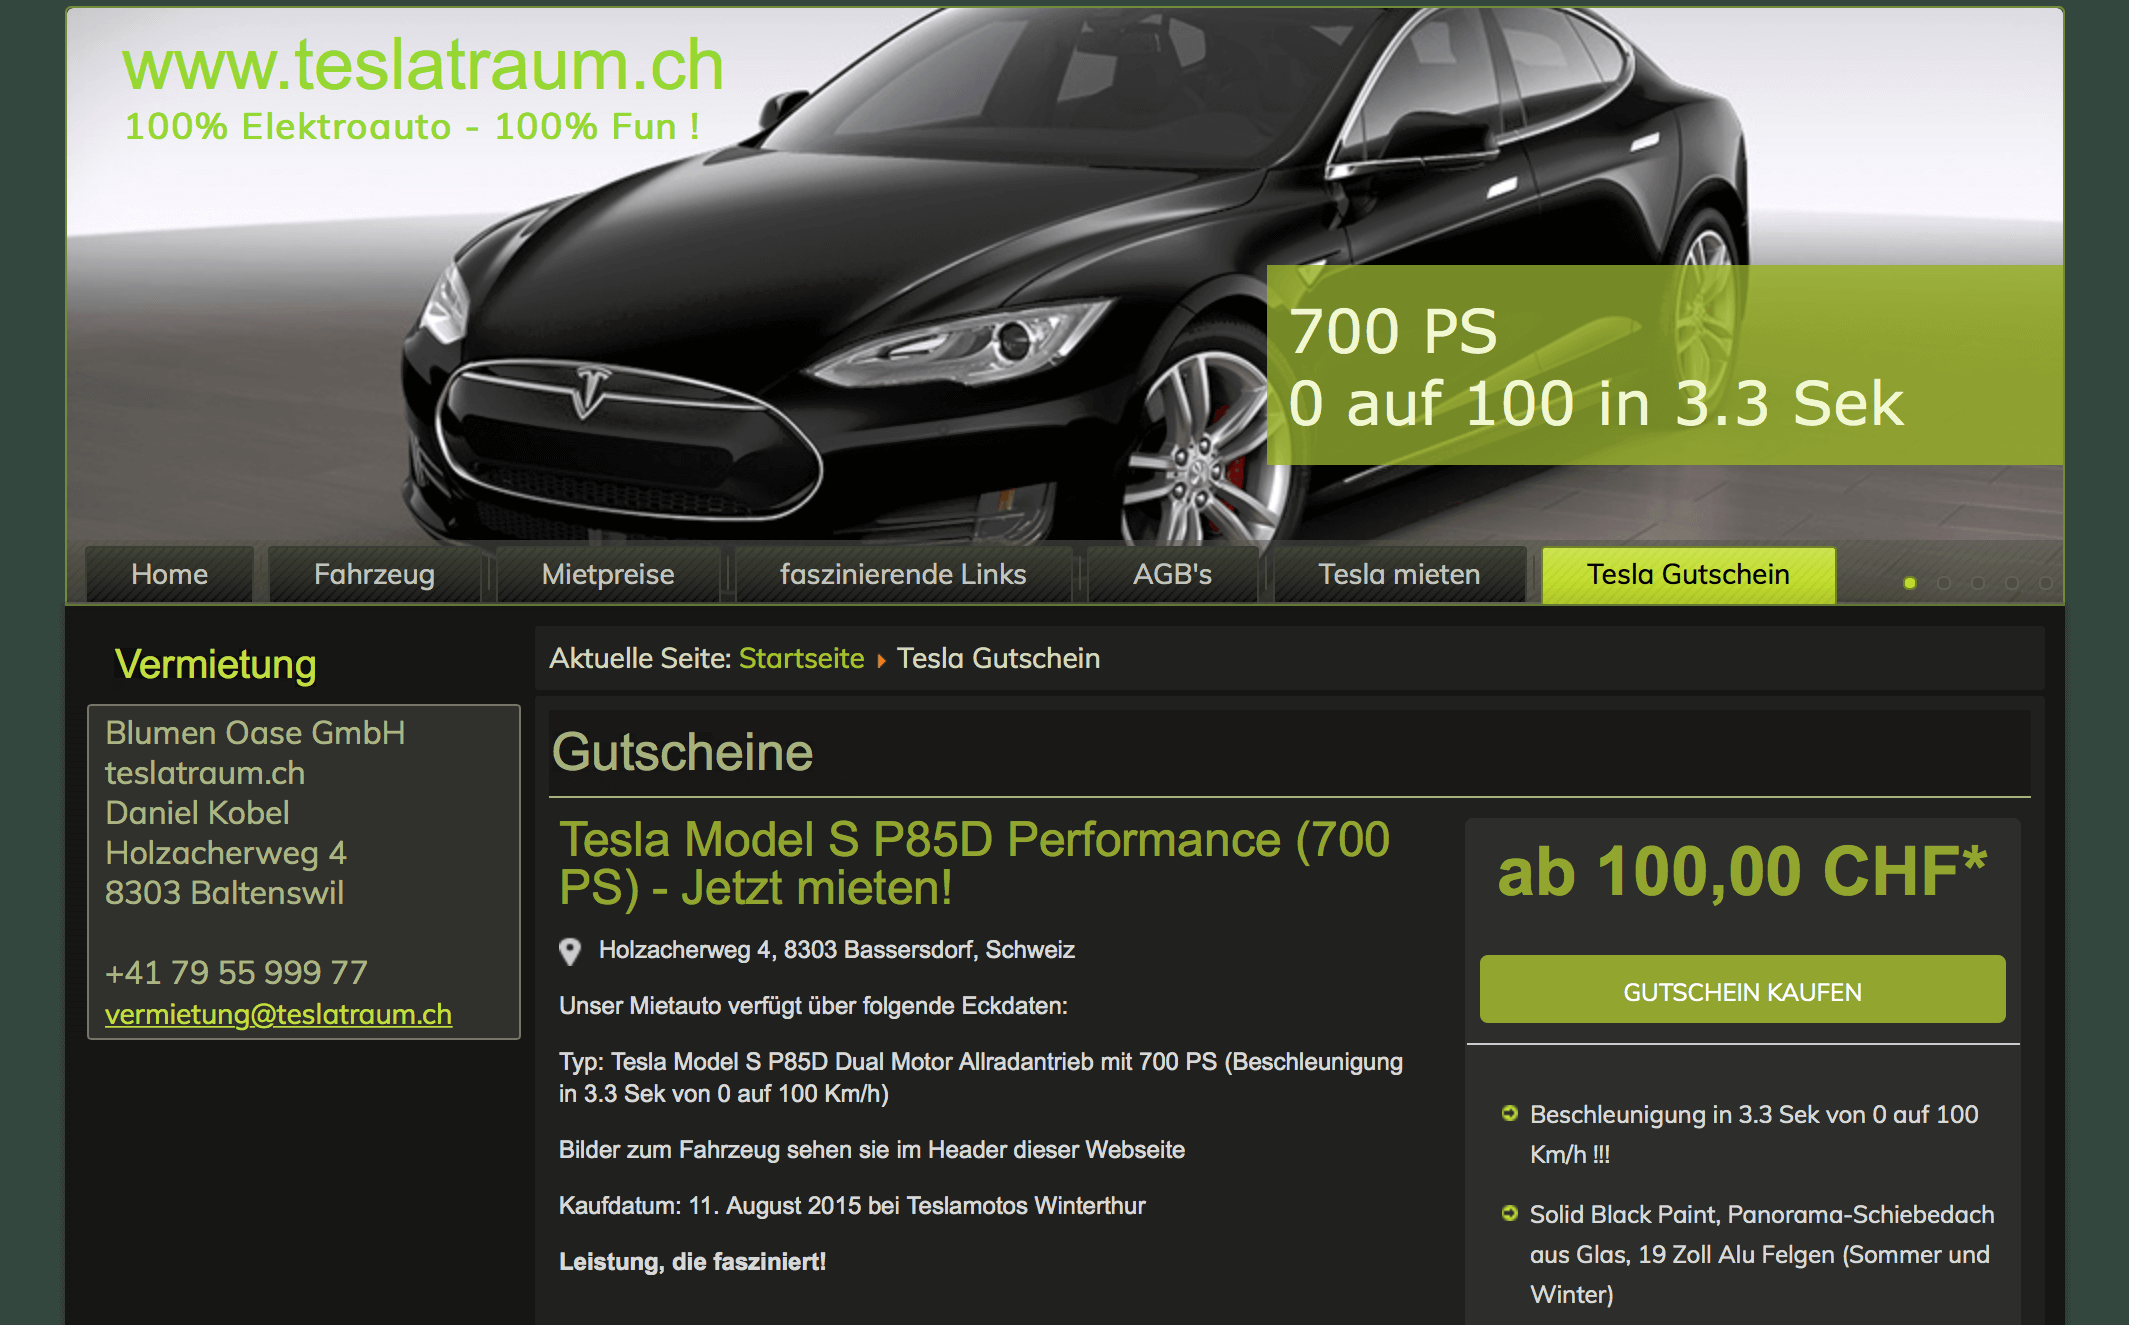 Zusatzverkäufe BestPractice teslatraum.ch